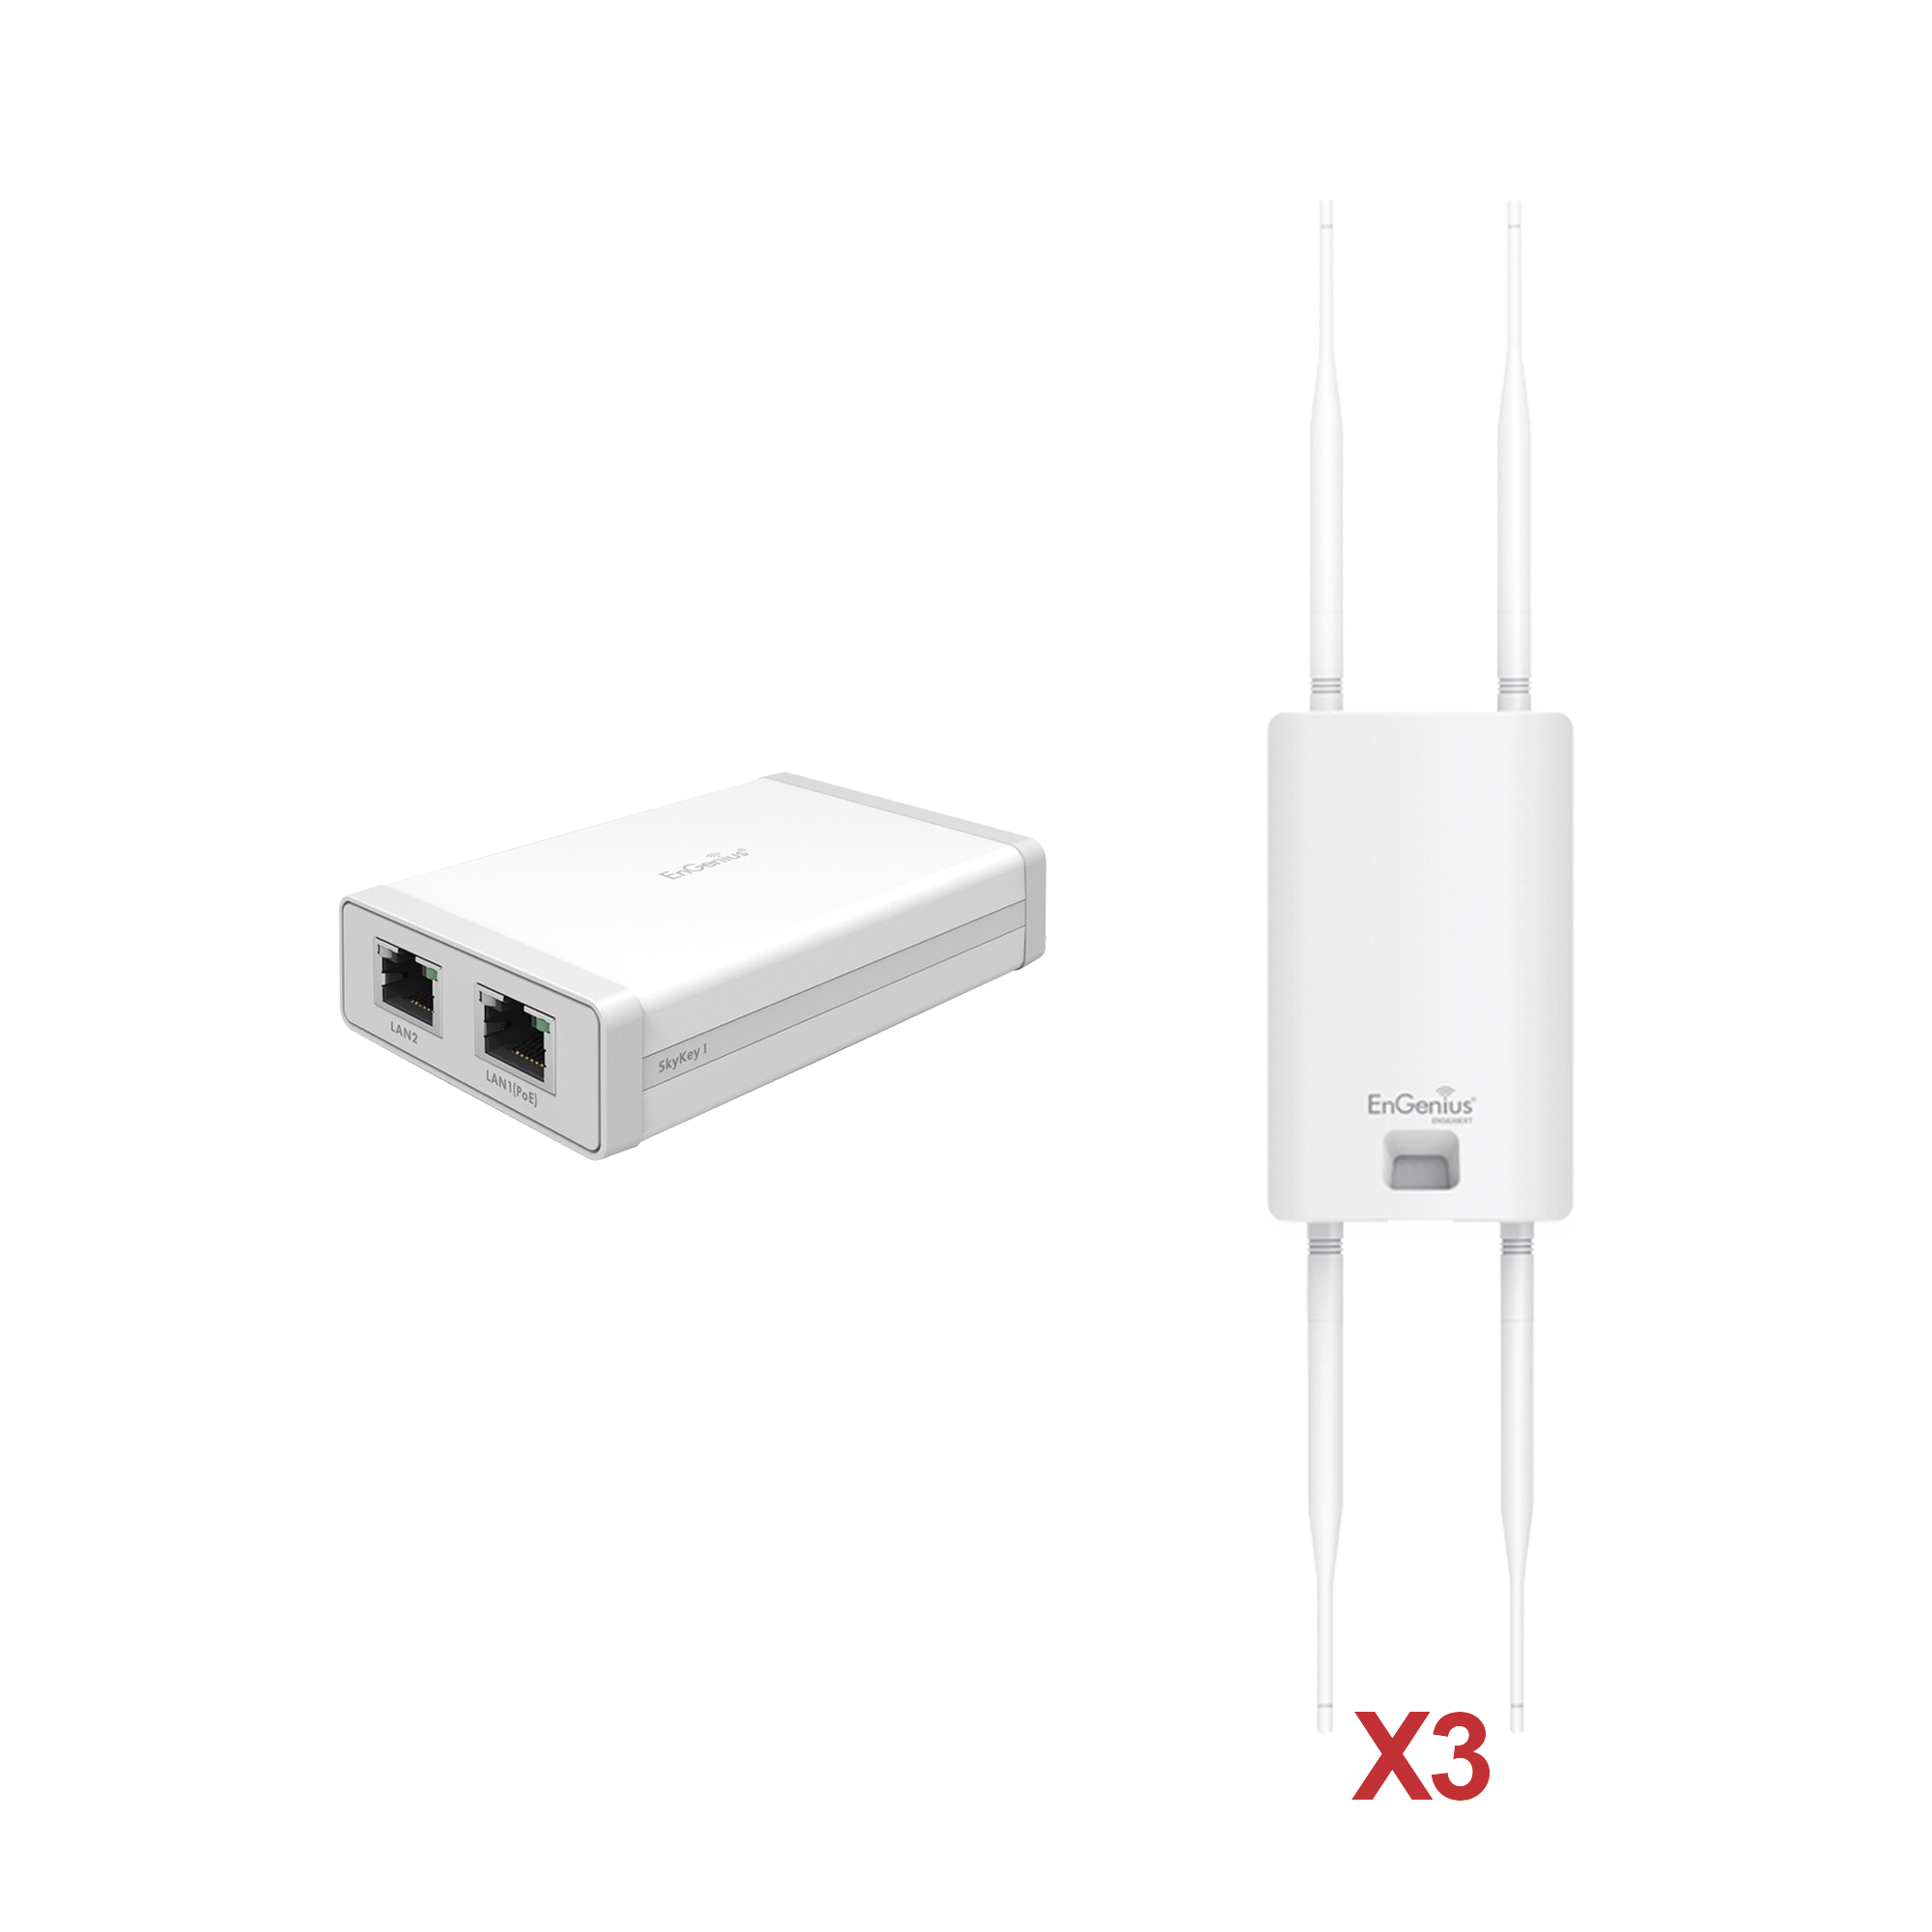 Paquete de 3 Puntos de Acceso Exterior Wi-Fi 5 ENS620EXT + 1 Controlador SKYKEY-1 ?Sin Costo?para la Gestión Local o Remota de Hasta 100 Puntos de Acceso EnGenius